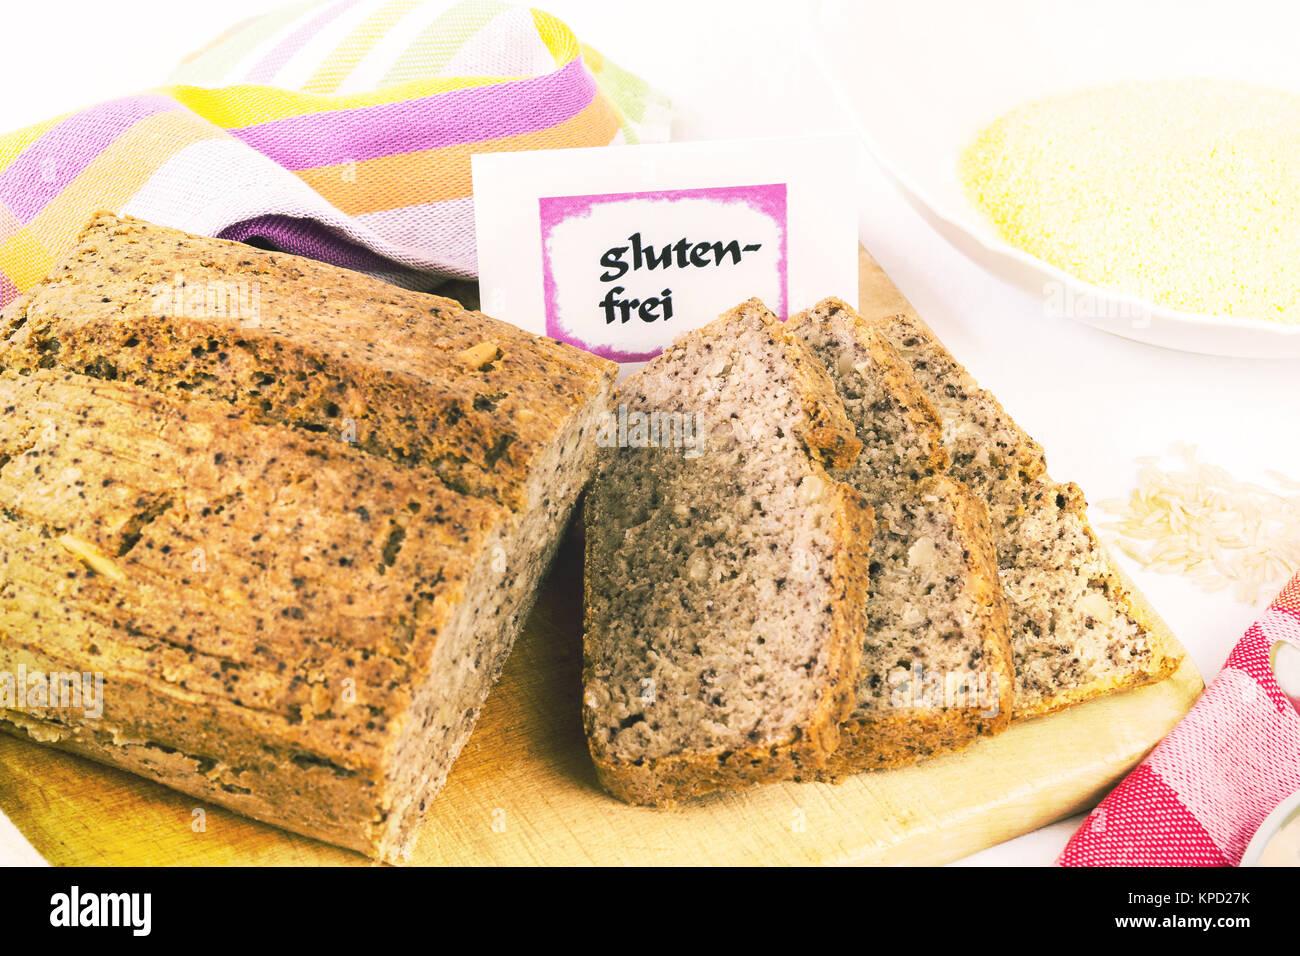 gluten-free diet - Stock Image